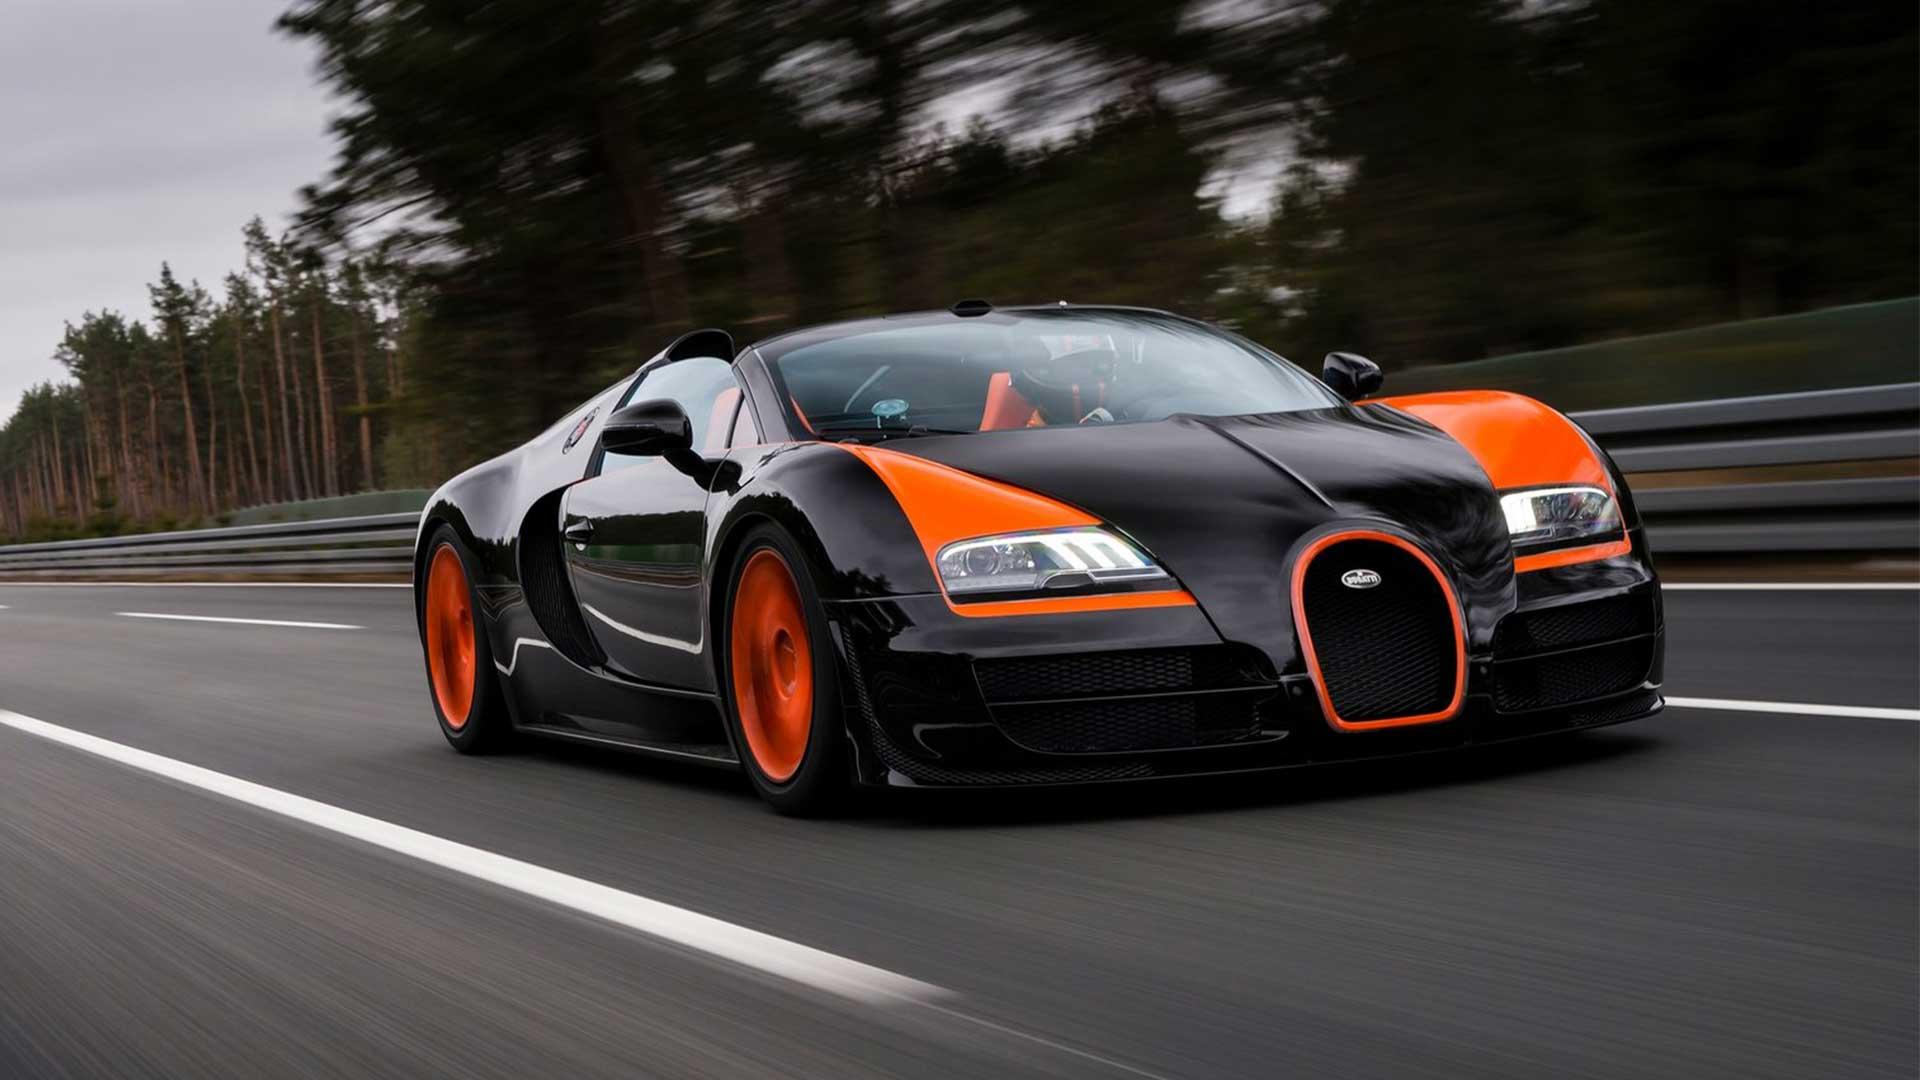 wallpaper-of-Bugatti-4